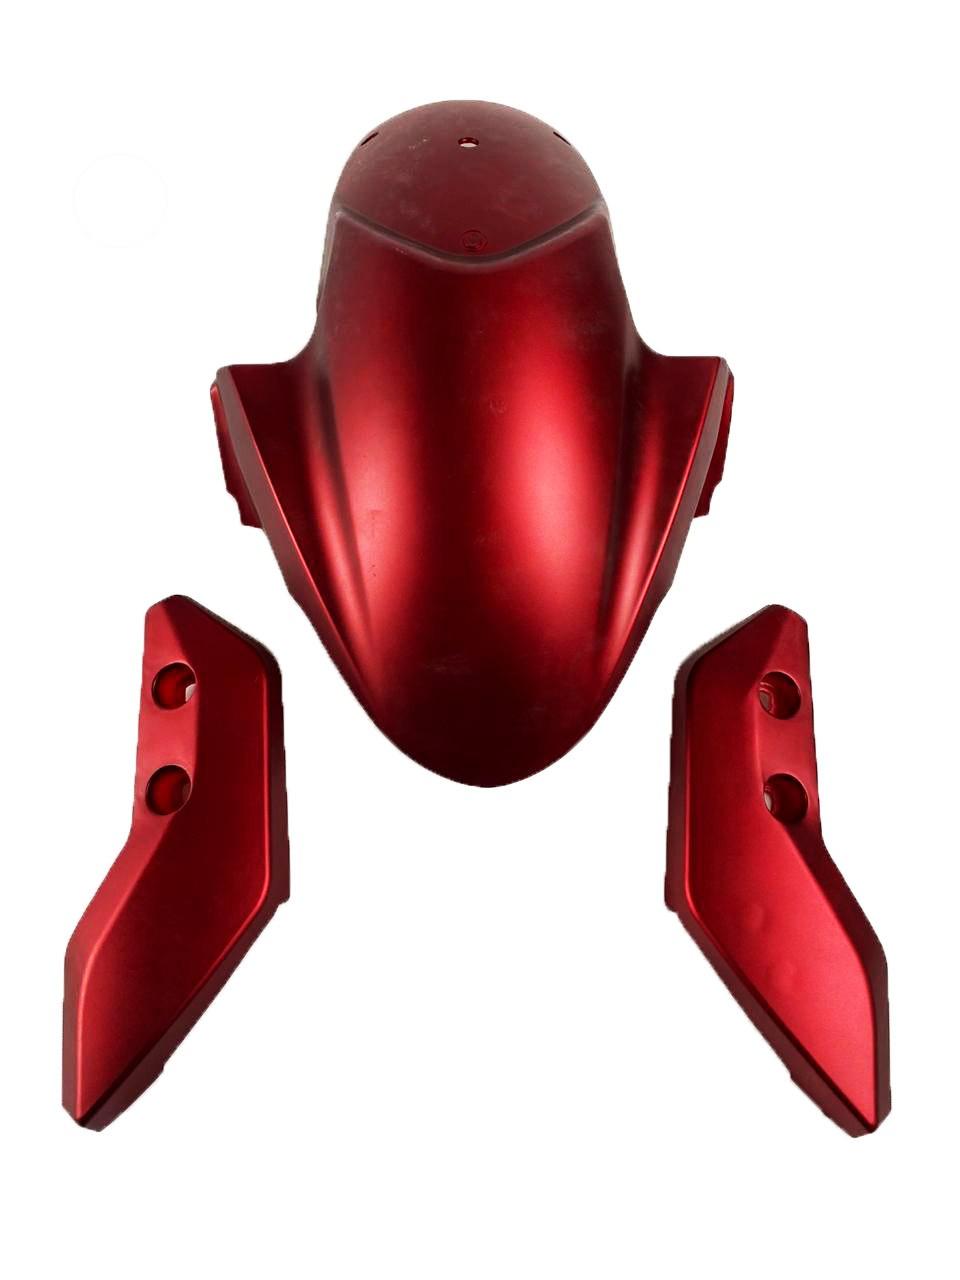 para-choque dianteiro vermelho para scooter elétrica citycoco x14 chopper